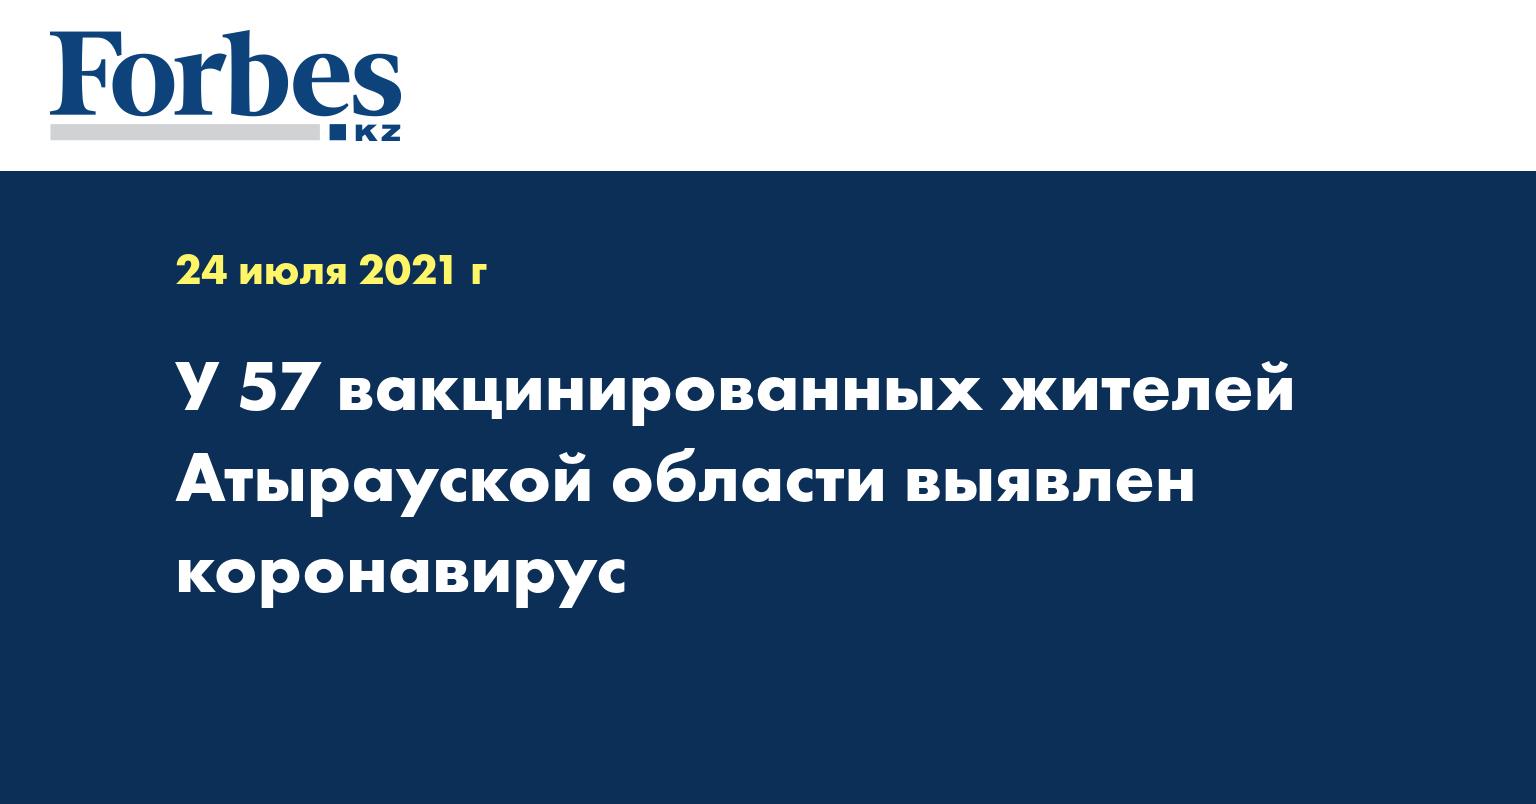 У 57 вакцинированных жителей Атырауской области выявлен коронавирус